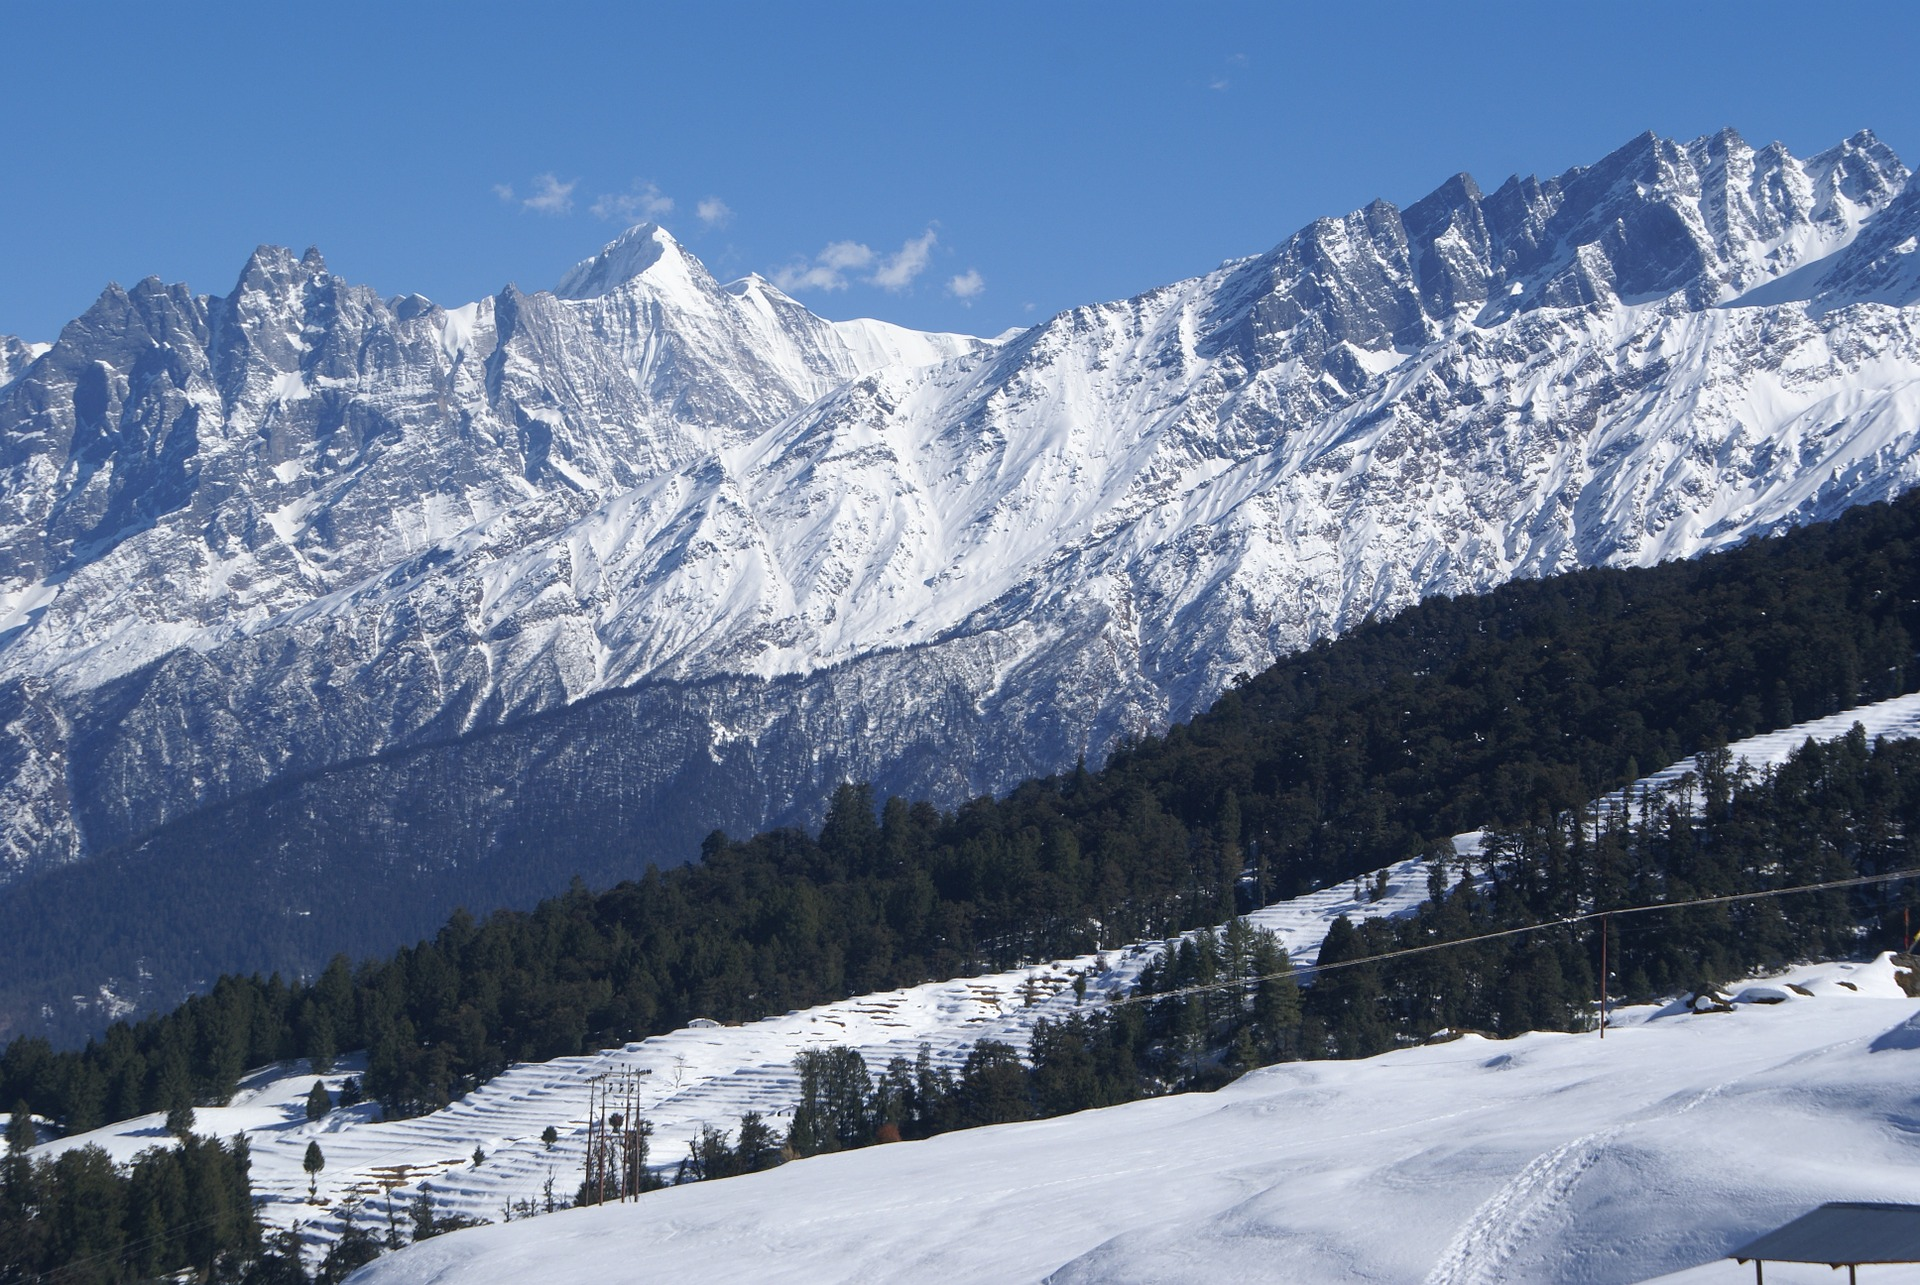 Auli-hills-india